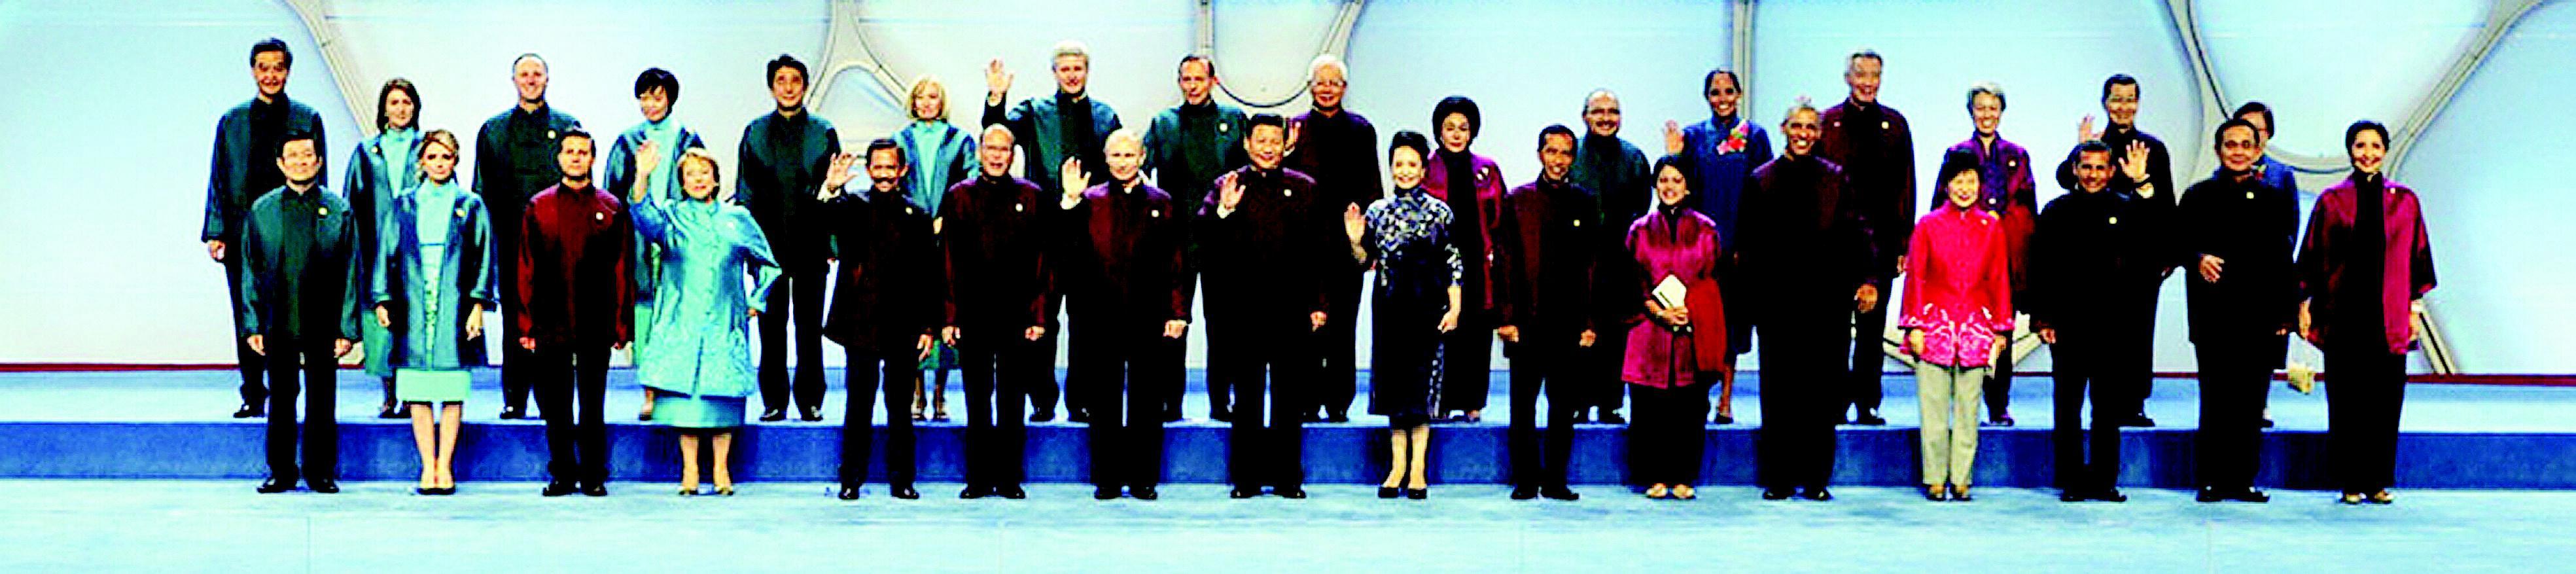 11月10日,国家主席习近平和夫人彭丽媛在北京为出席亚太经合组织第二十二次领导人非正式会议的各经济体领导人及配偶举行欢迎晚宴。这是晚宴前,习近平和夫人彭丽媛与各经济体领导人及配偶集体合影。 新华社 发 详见14--16版